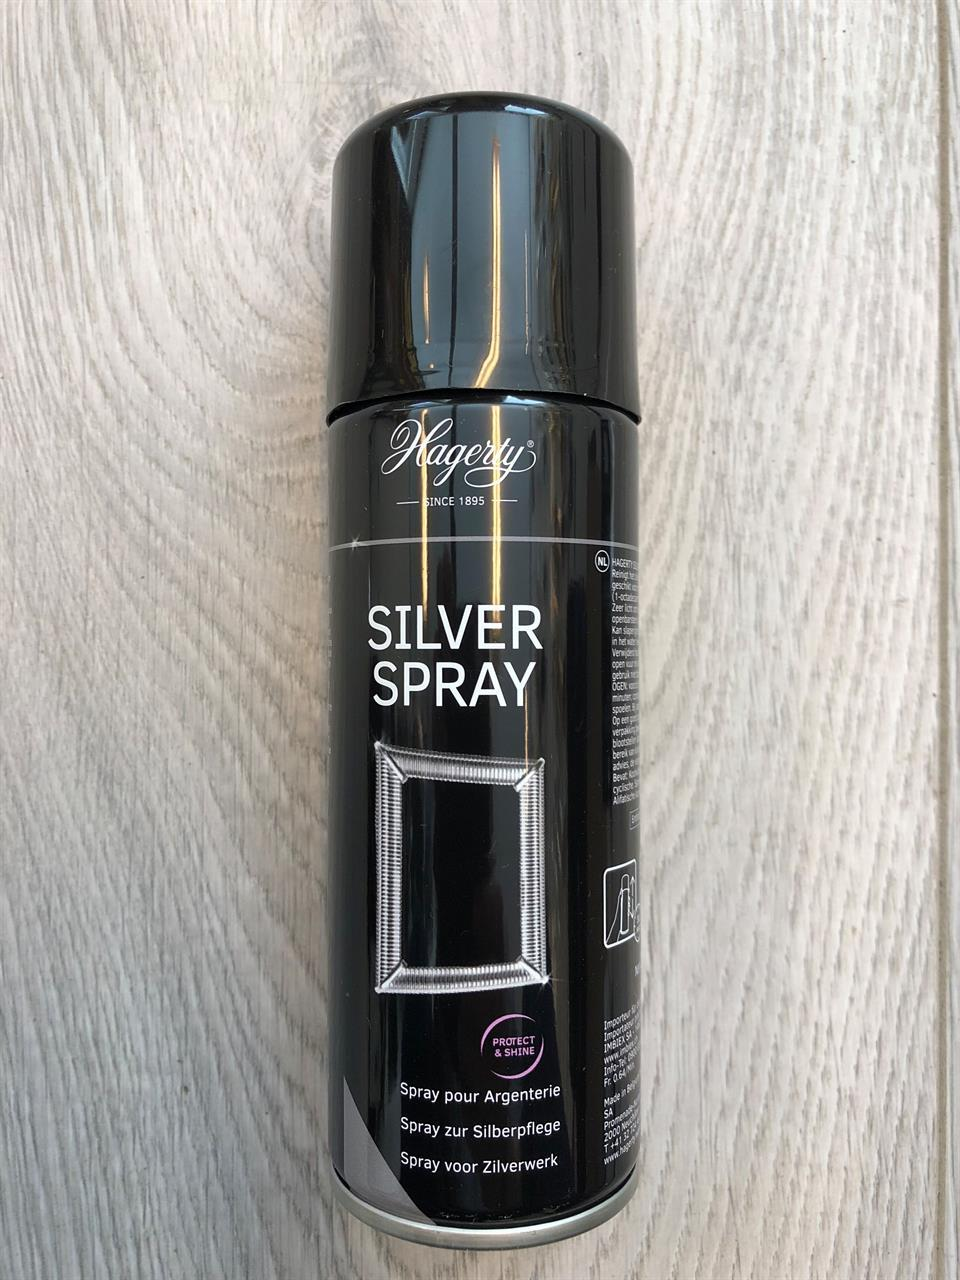 Hagerty silver spray